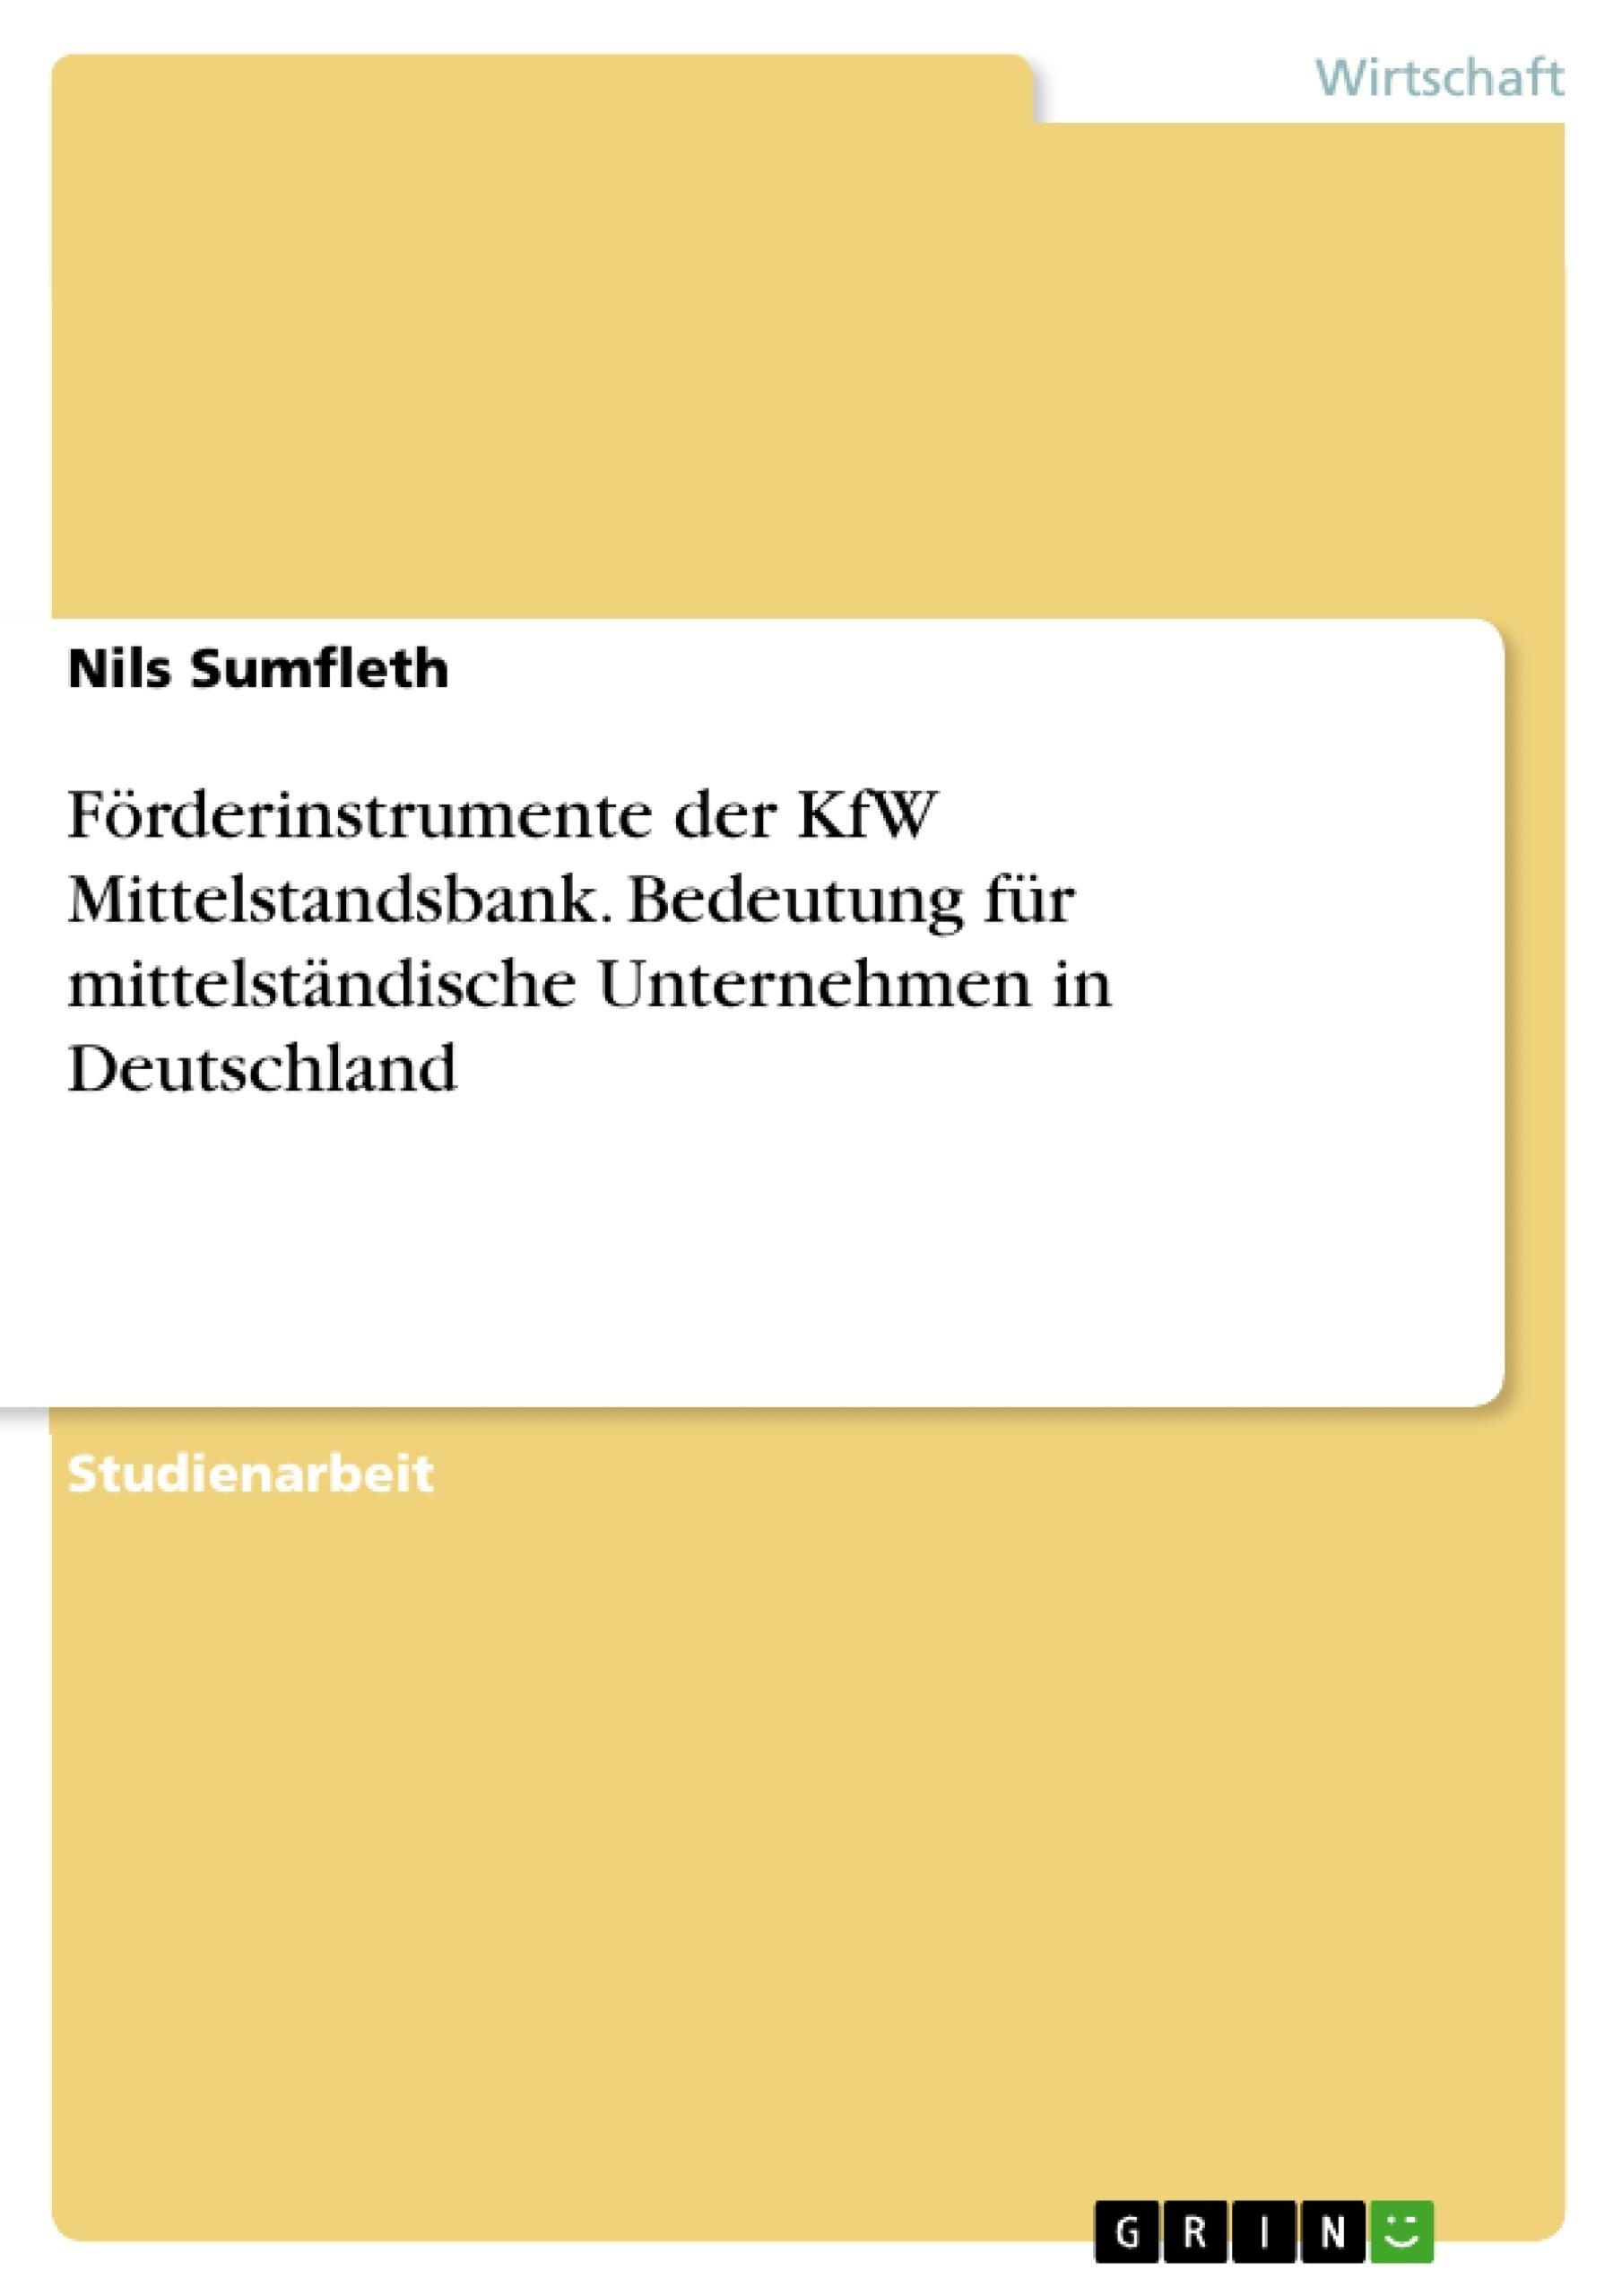 Titel: Förderinstrumente der KfW Mittelstandsbank. Bedeutung für mittelständische Unternehmen in Deutschland